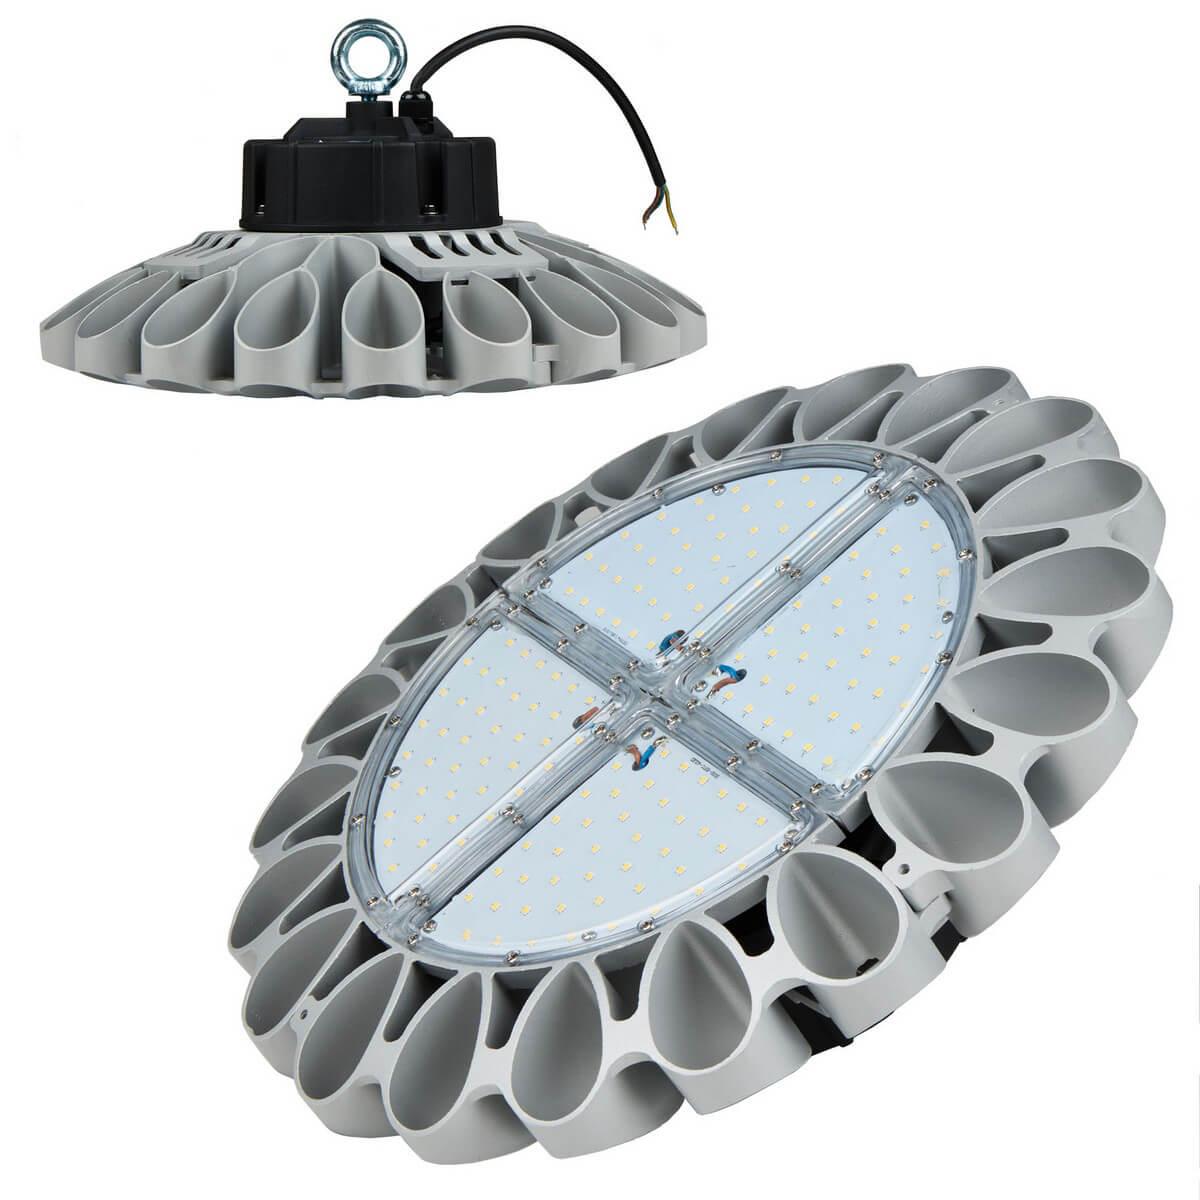 Подвесной светодиодный светильник (UL-00002057) Uniel ULY-U30B-100W/DW IP65 Silver подвесной светодиодный светильник ul 00002057 uniel uly u30b 100w dw ip65 silver